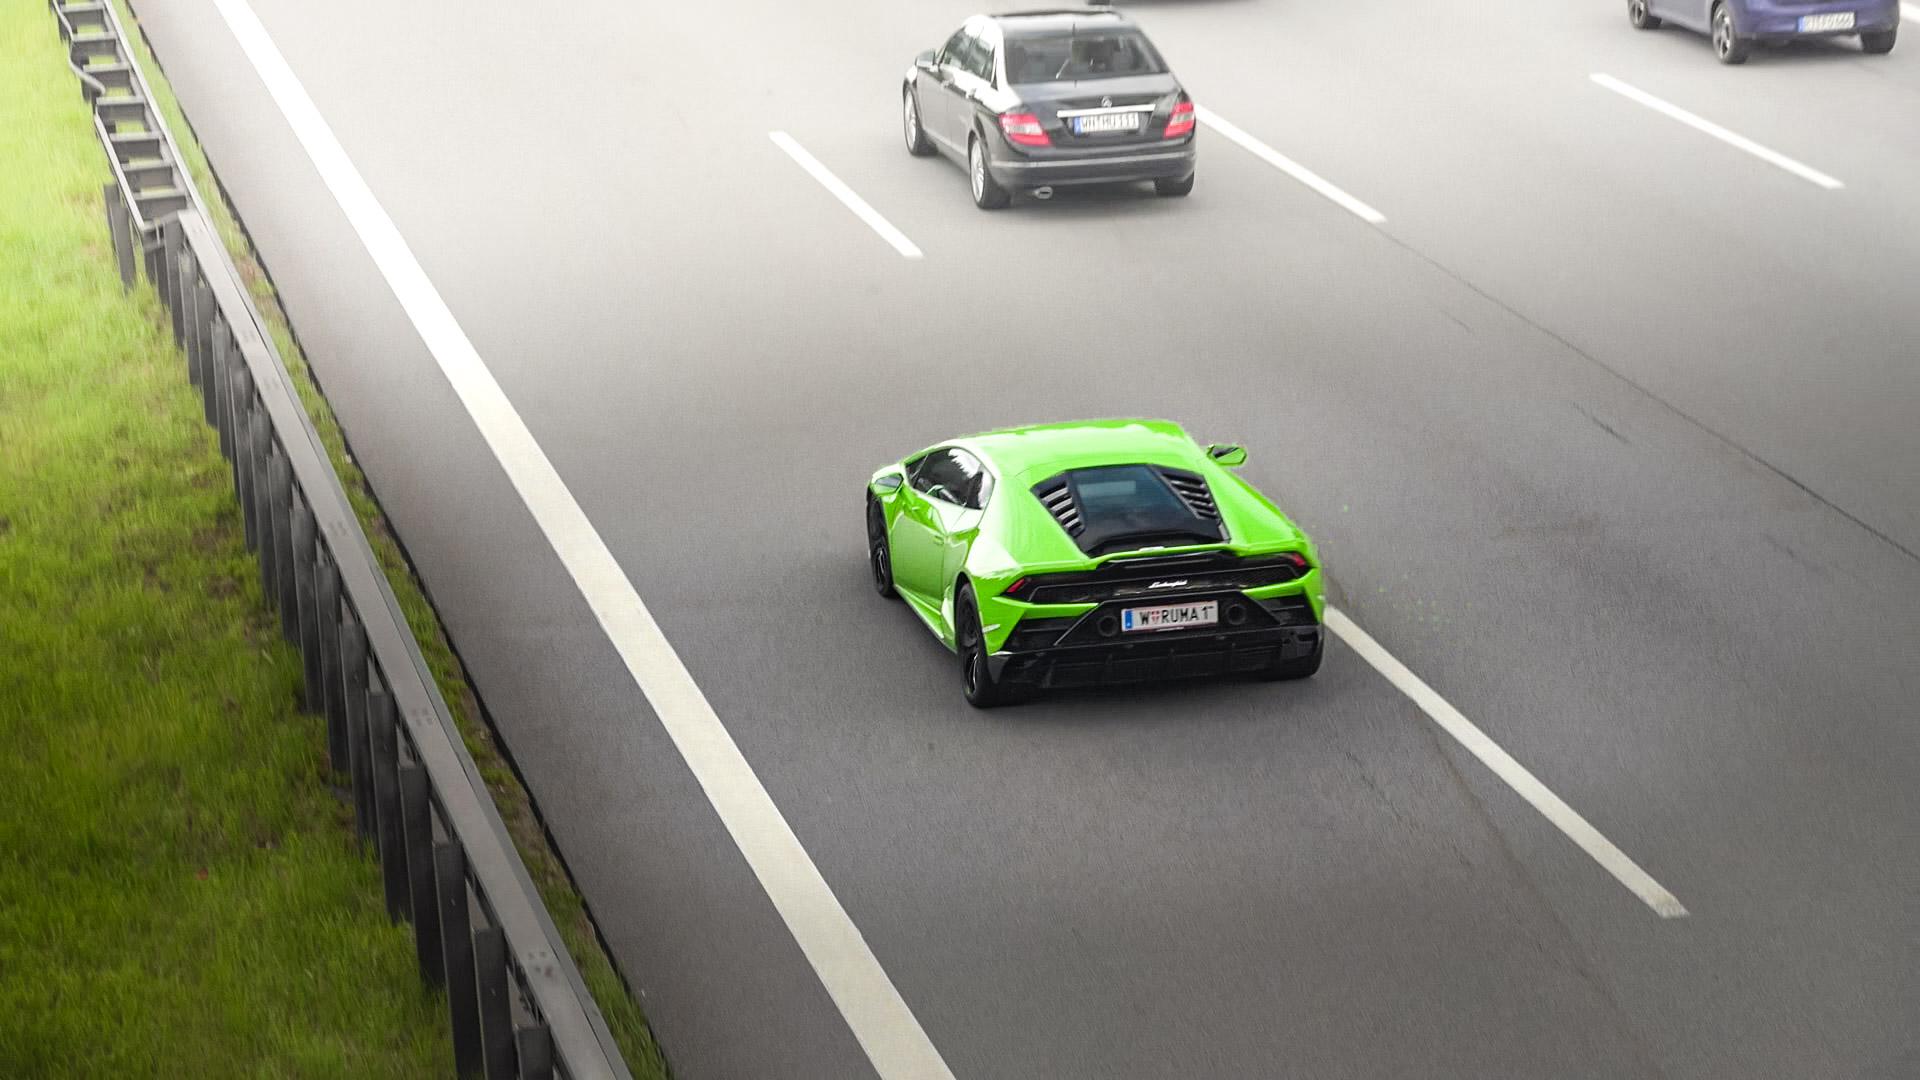 Lamborghini Huracan Evo - W-RUMA-1 (AUT)